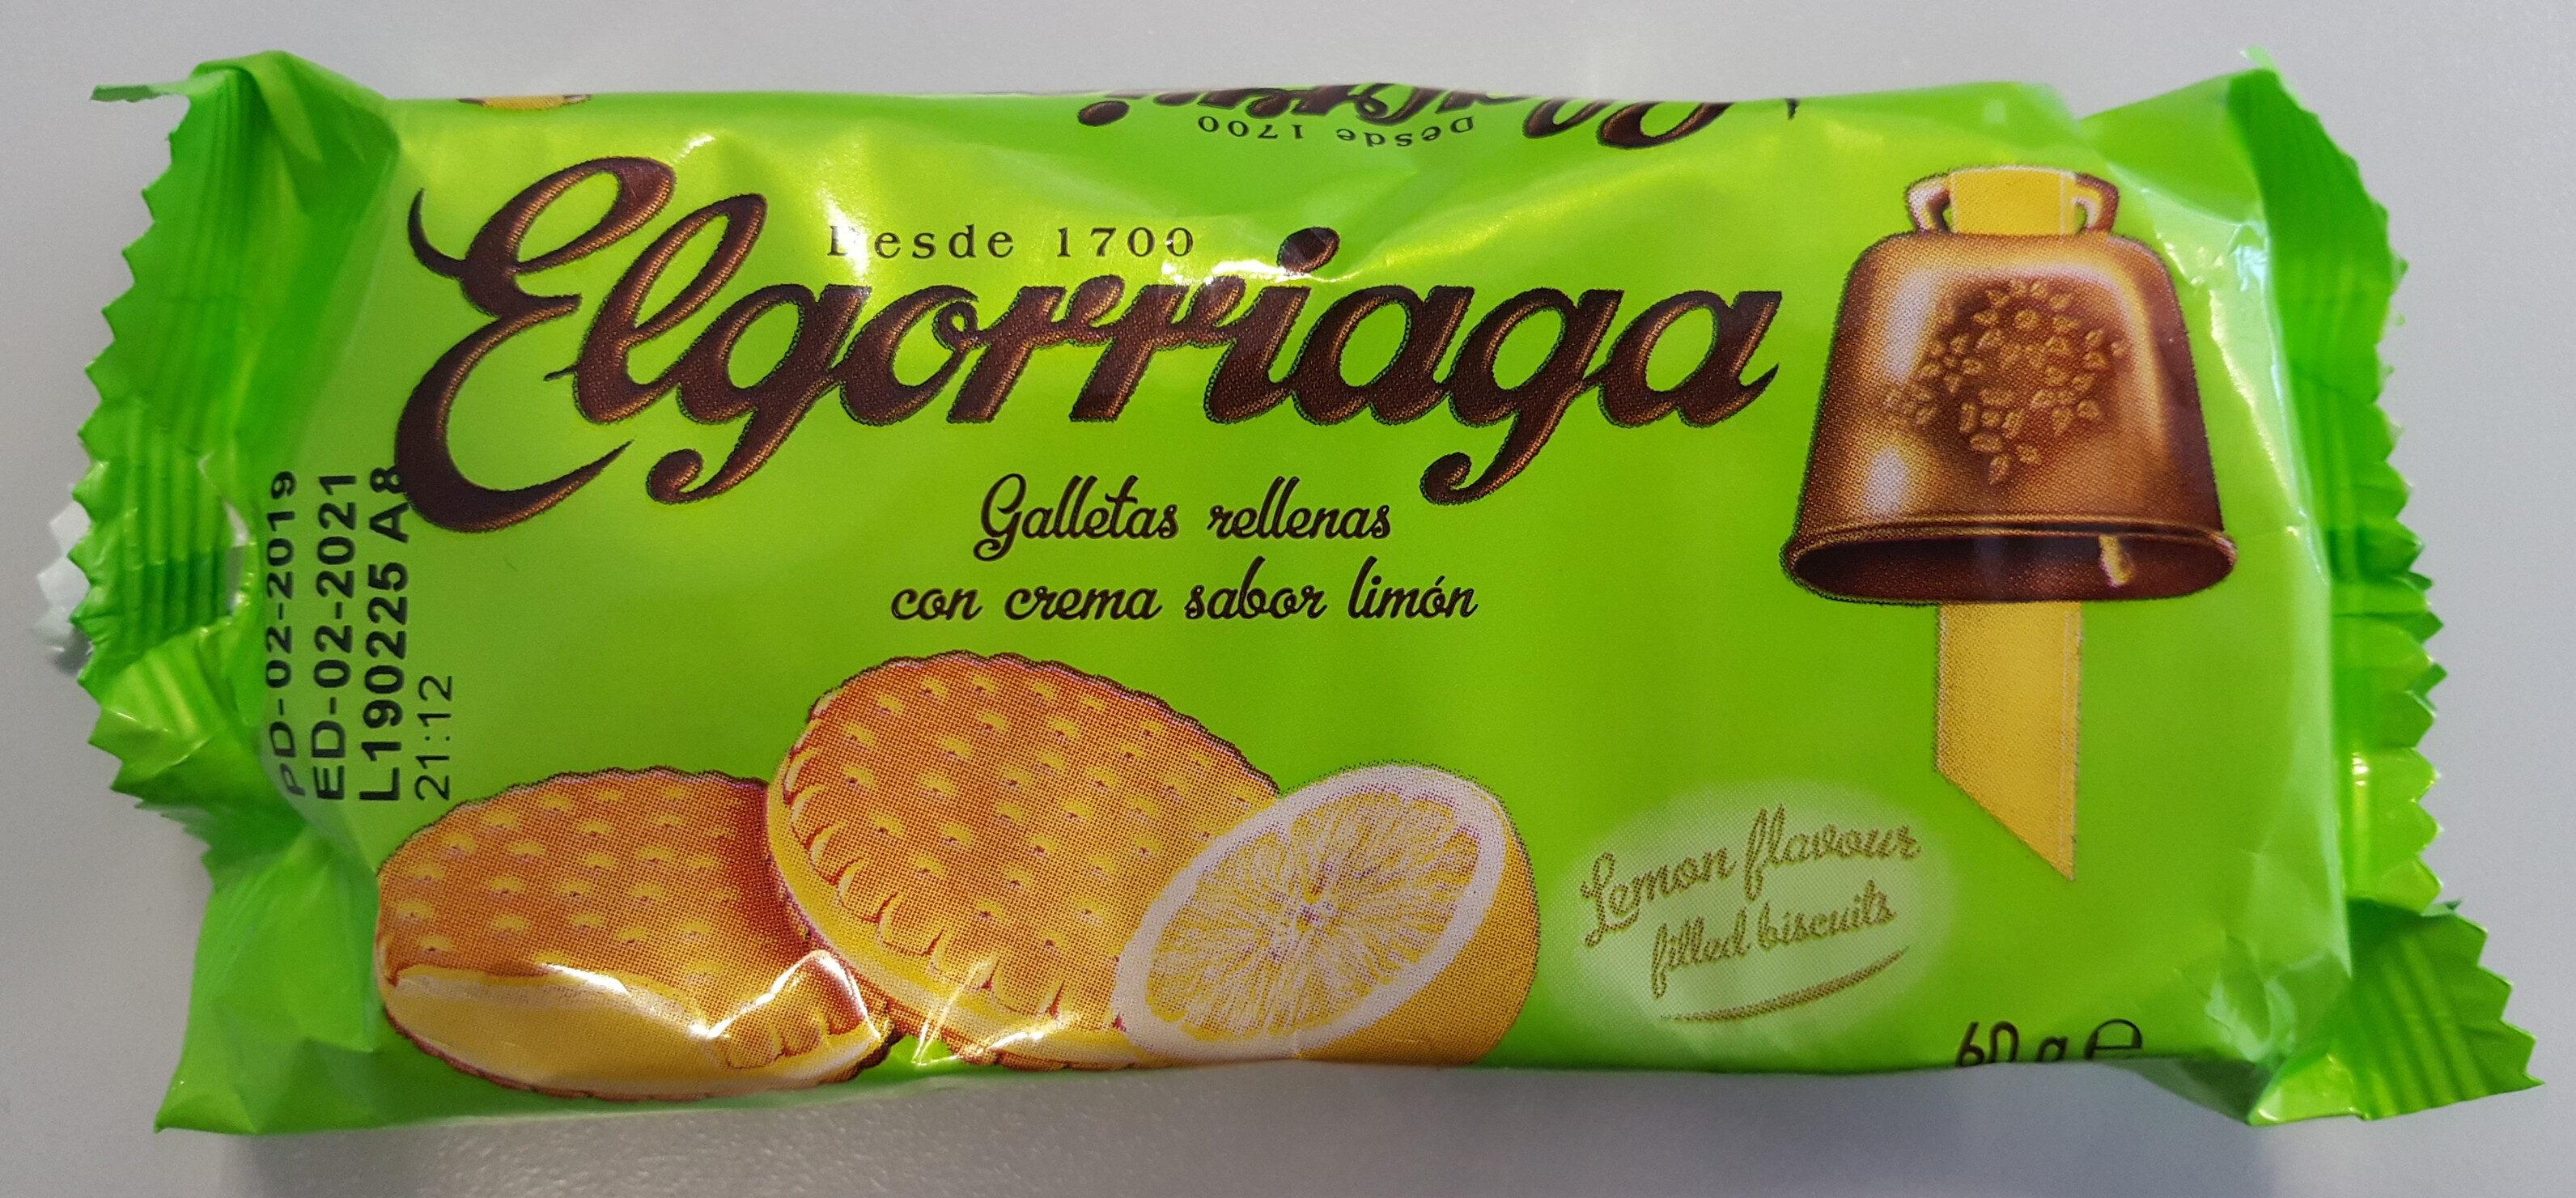 Galletas rellenas de crema sabor limon - Produit - es